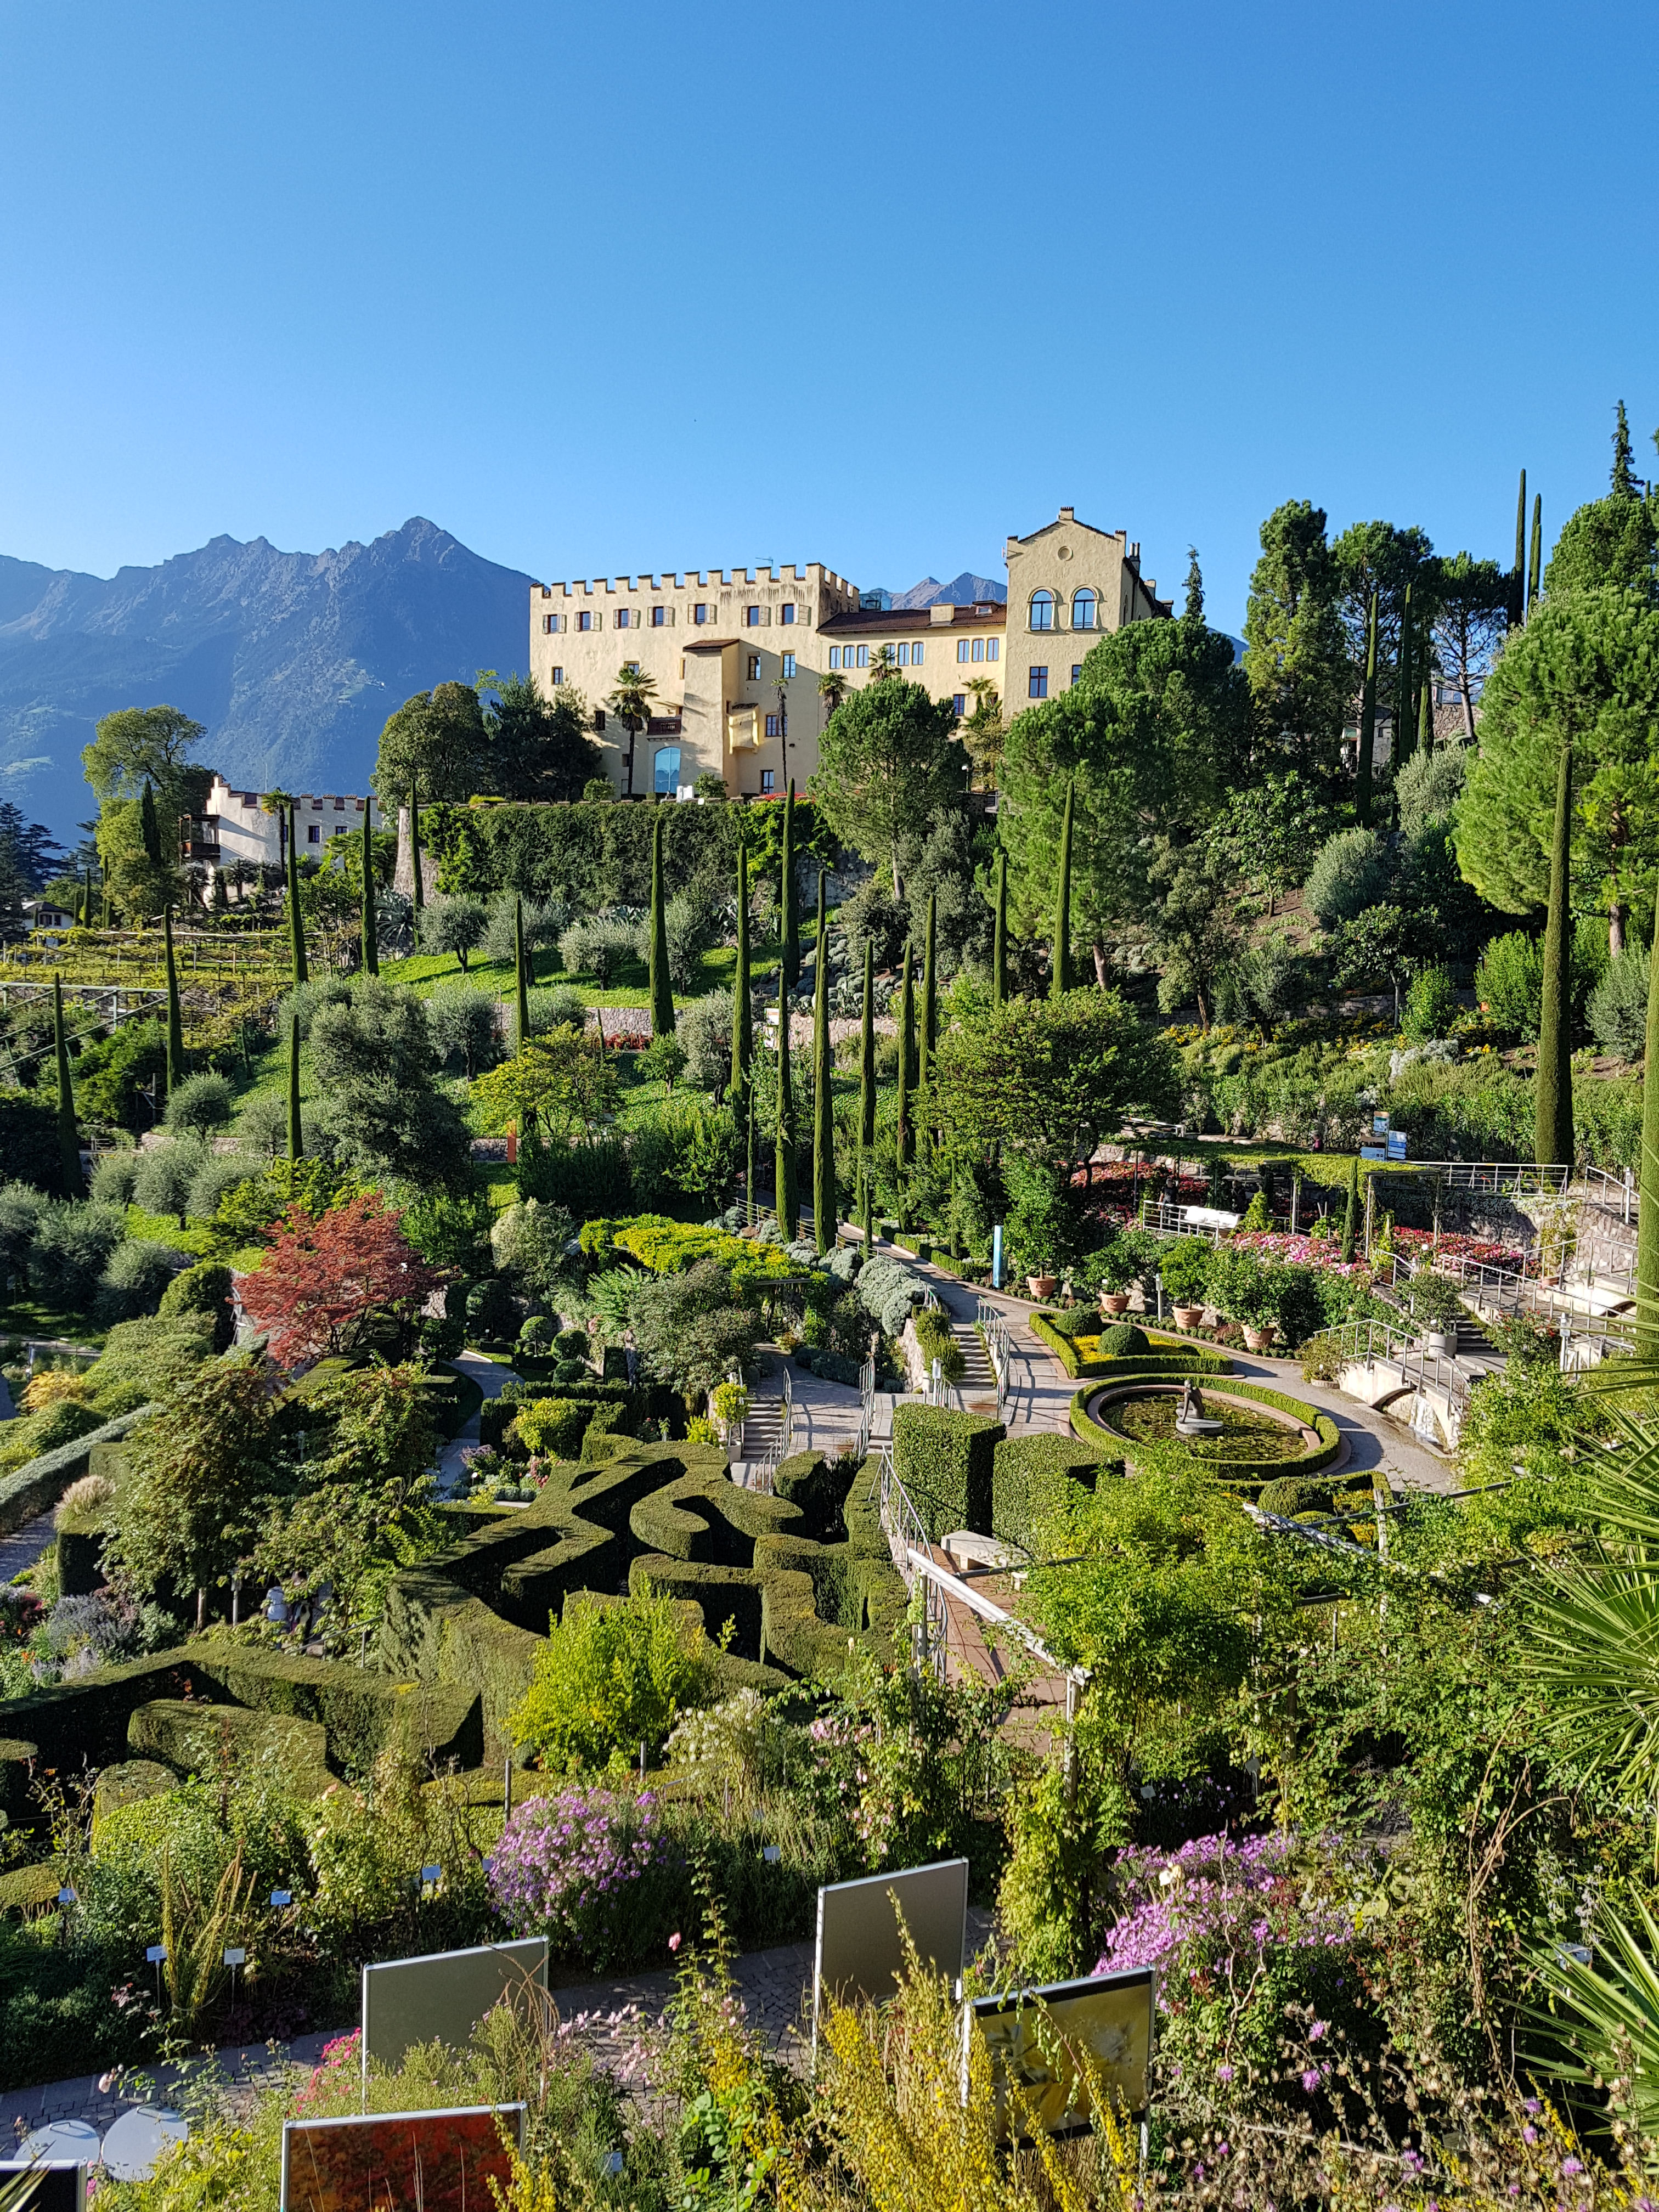 Die Gärten von Schloss Trautmannsdorff